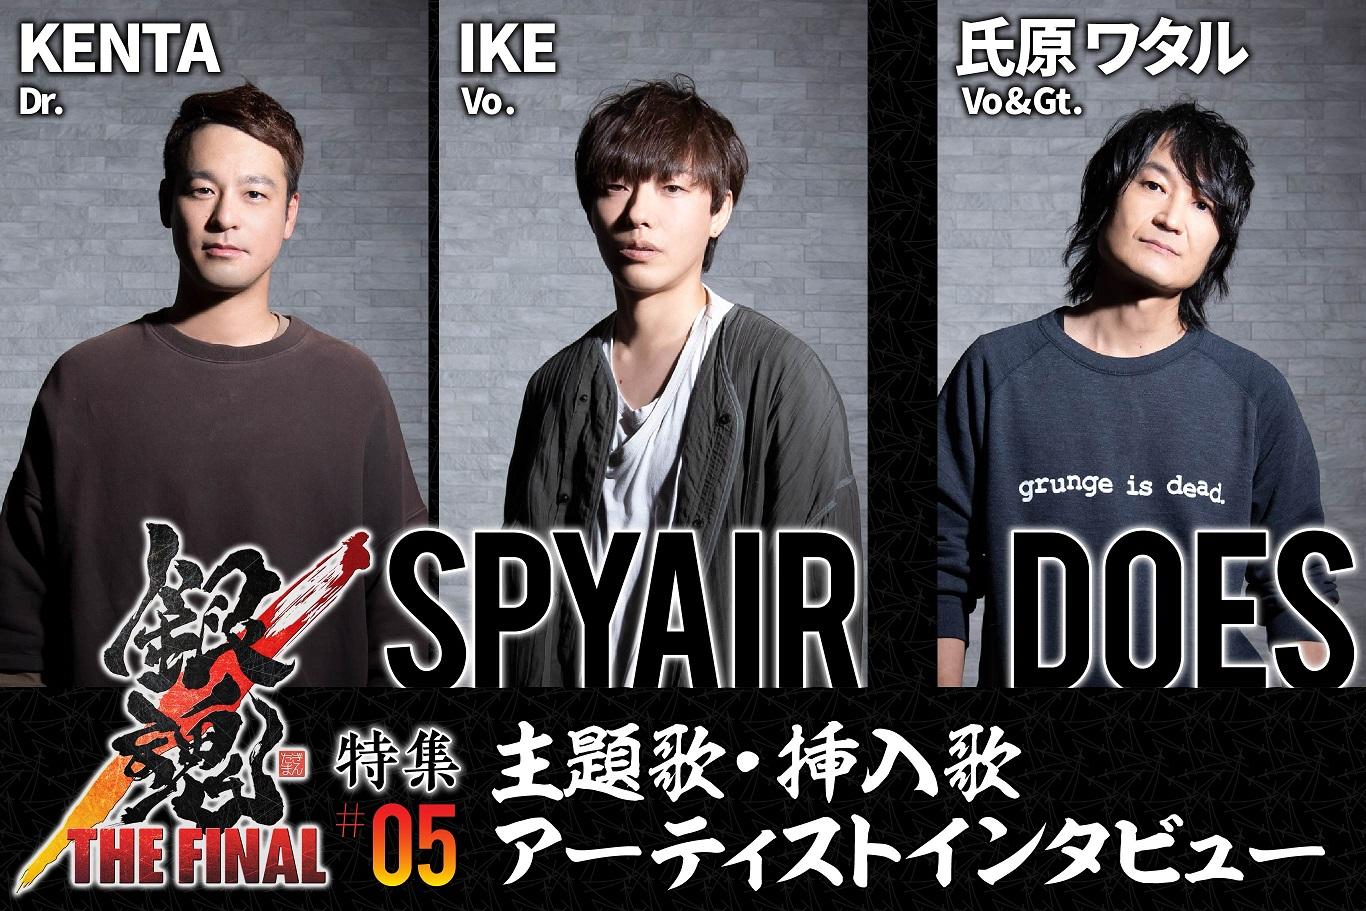 『銀魂 THE FINAL』特集 第5回/SPYAIR×DOES「最終局面は、この2バンドで一緒にやりたかった」